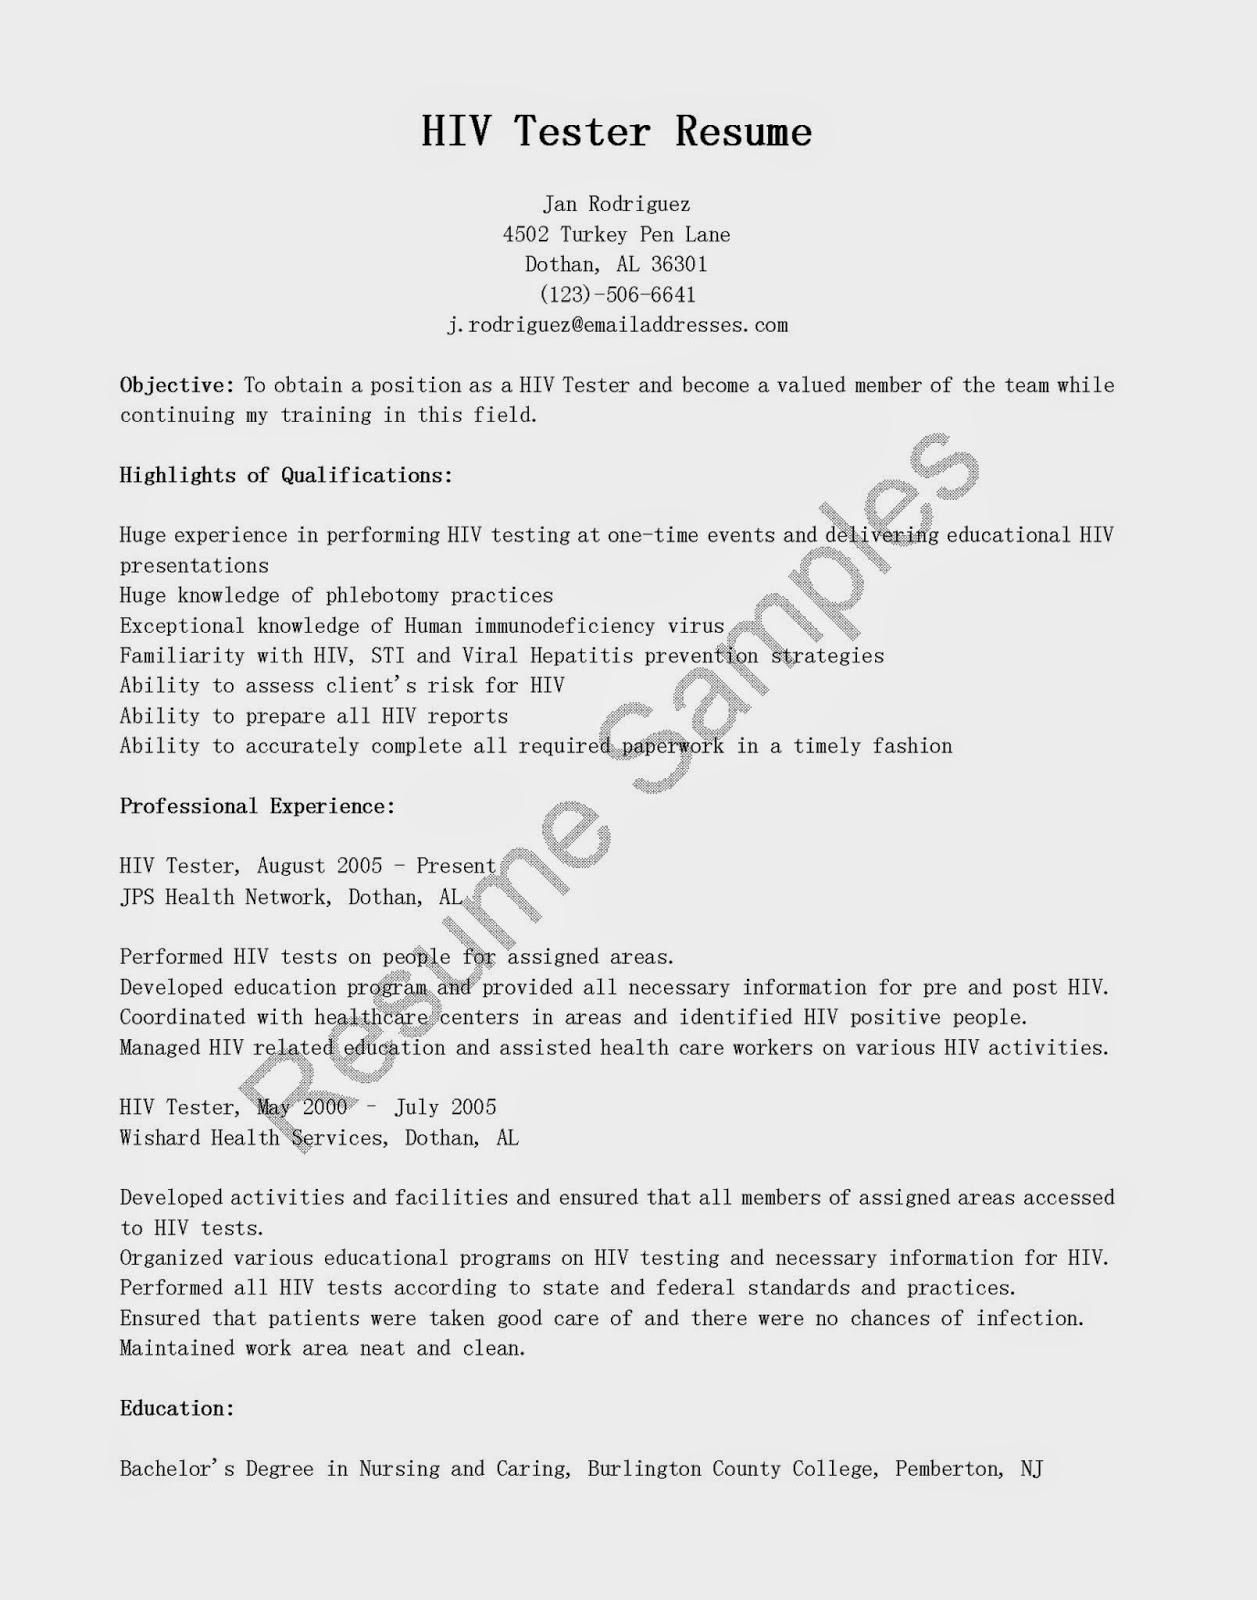 Resume Samples HIV Tester Resume Sample